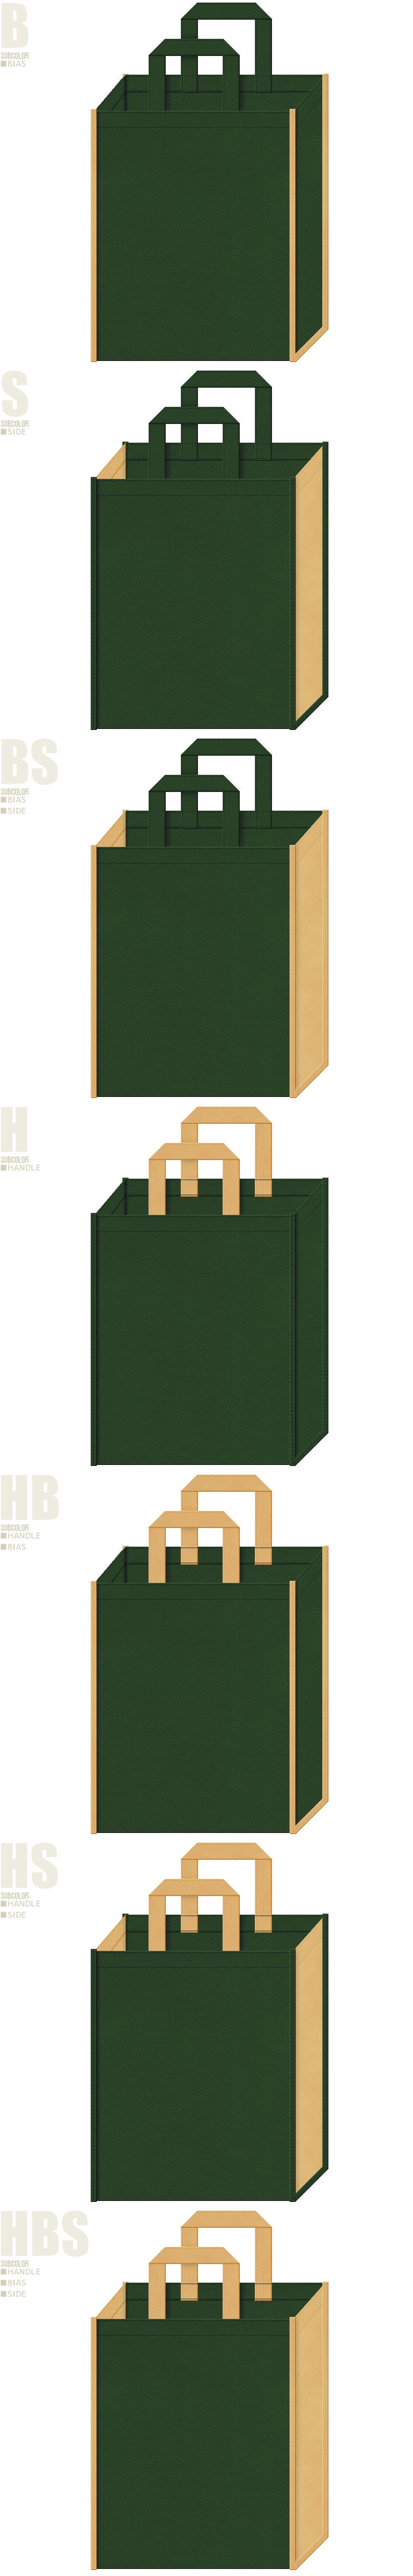 アンティーク・ヴィンテージ・動物園・テーマパーク・探検・ジャングル・恐竜・サバンナ・サファリ・ラリー・アニマル・DIY・テント・タープ・チェア・登山・アウトドア・キャンプ用品の展示会用バッグにお奨めの不織布バッグデザイン:濃緑色と薄黄土色の配色7パターン